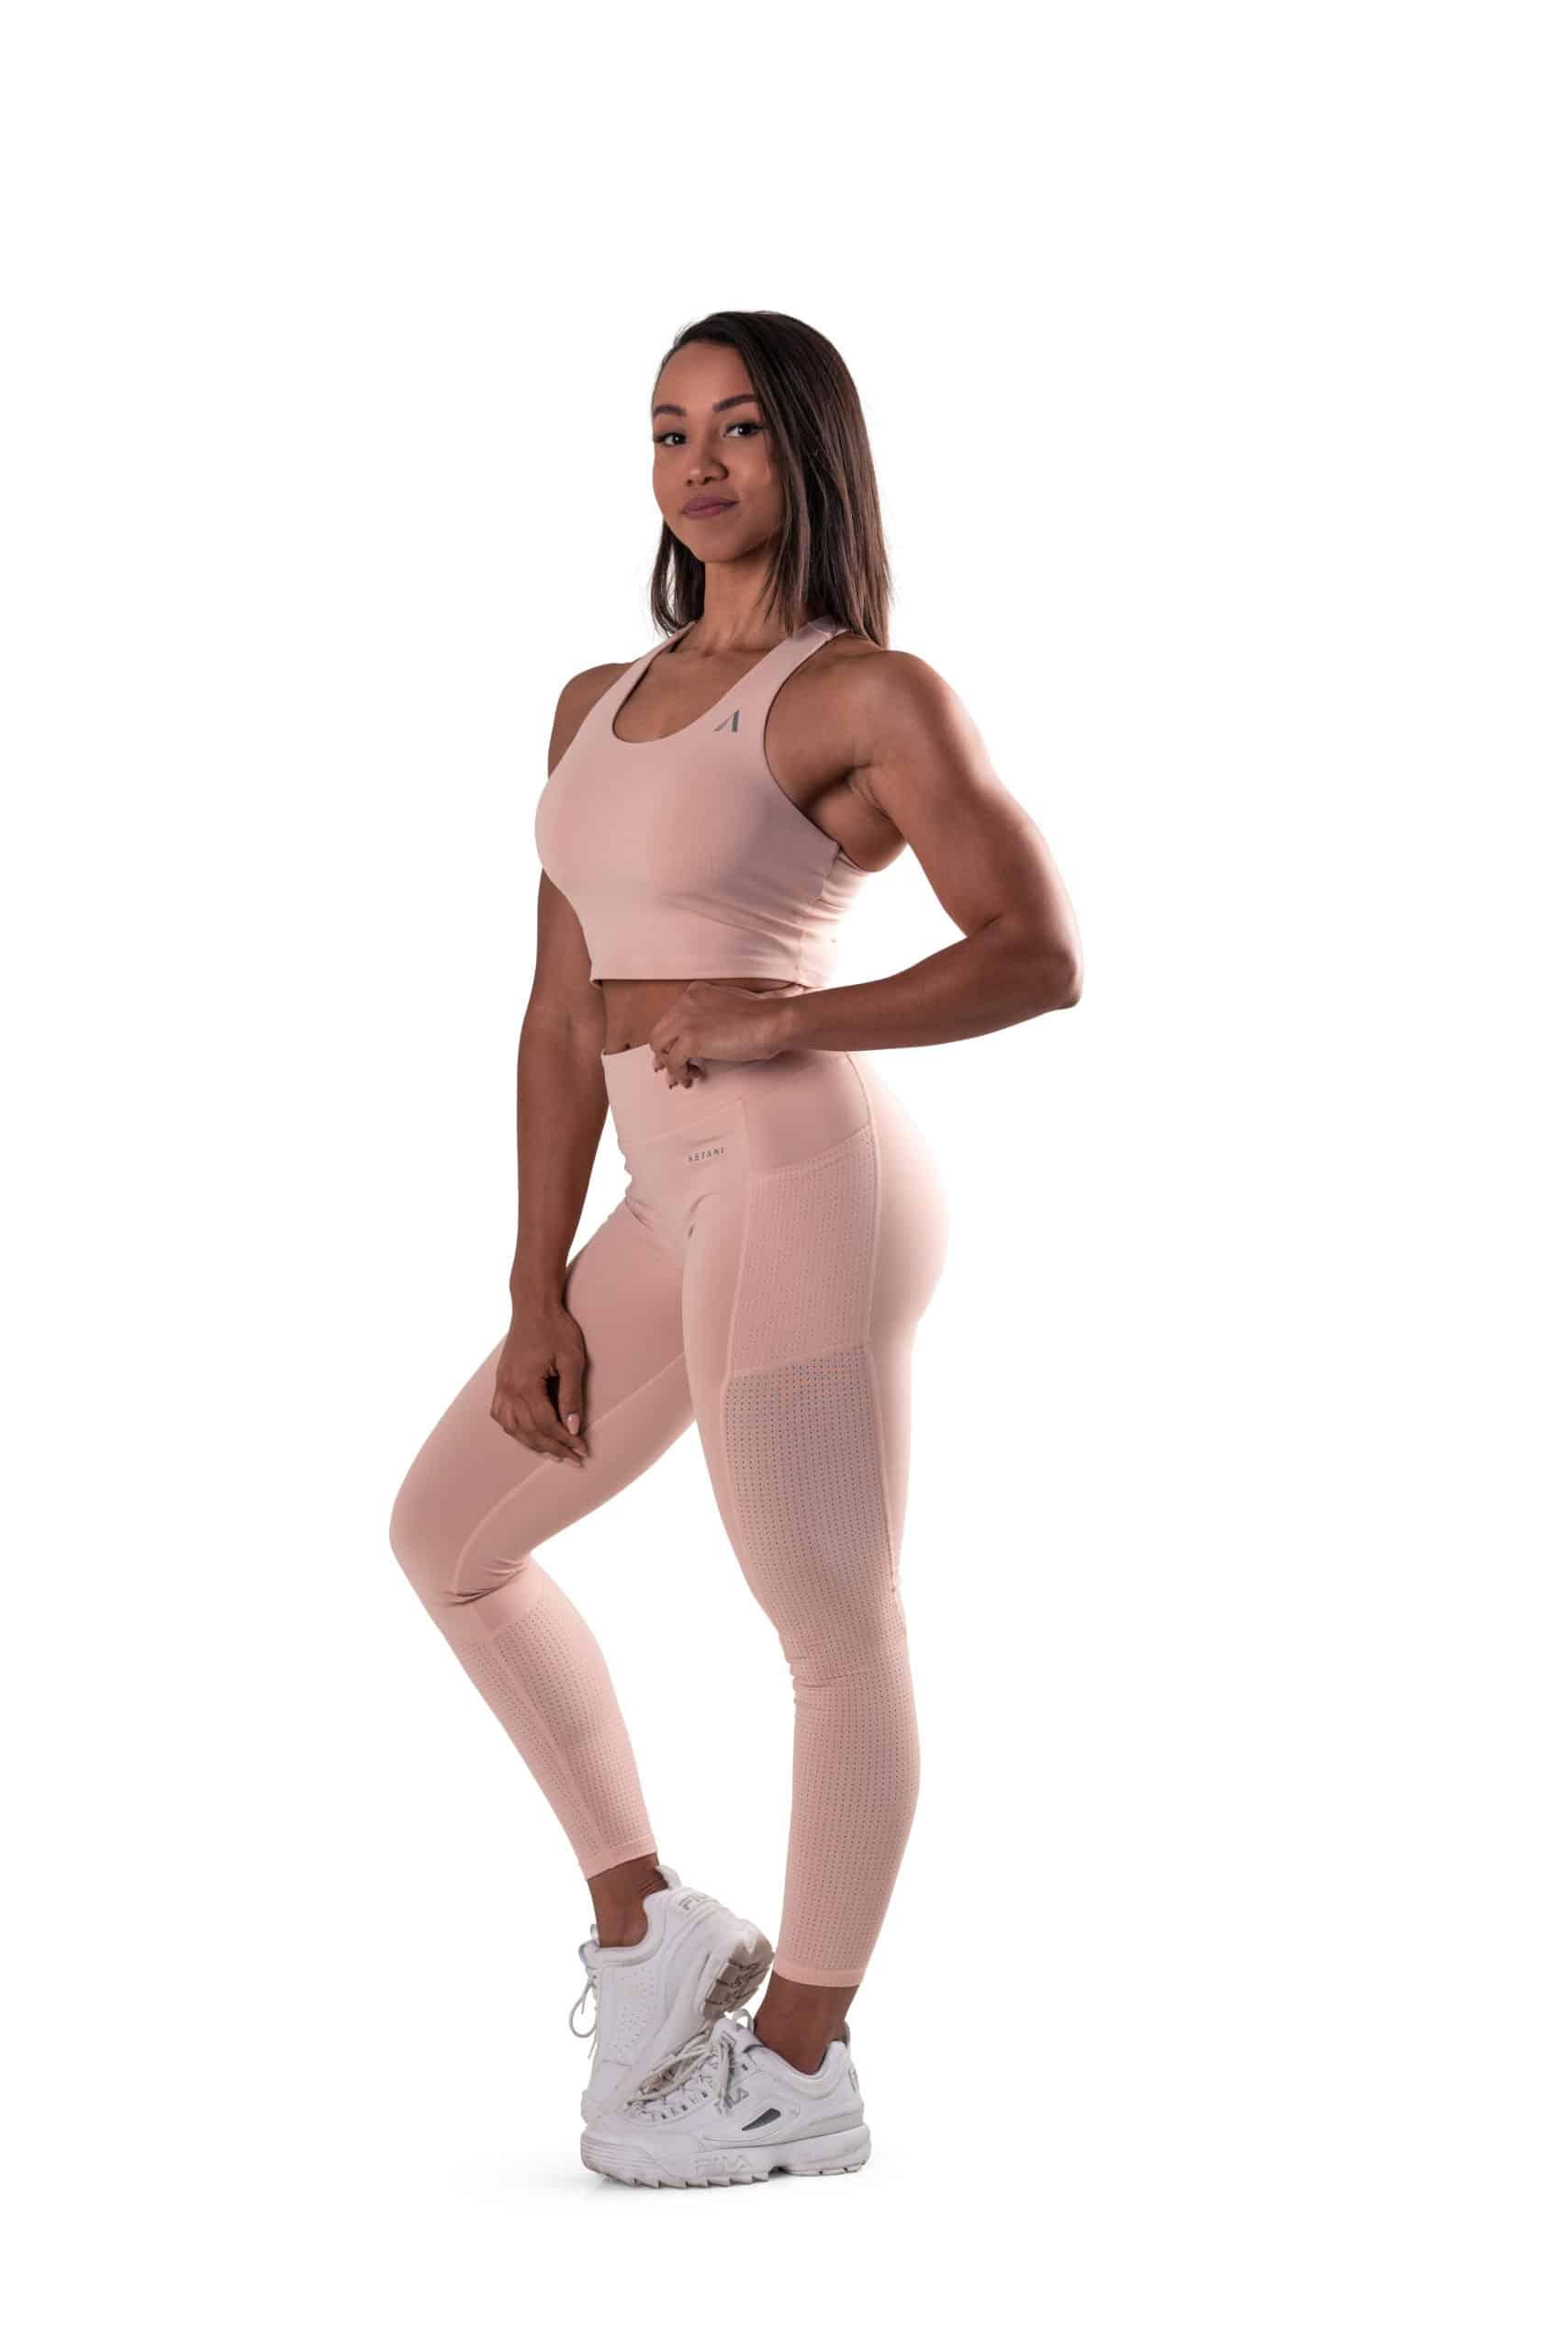 beige träningsset med gröna tights med fickor, mesh och hög midja beige och crop top topp överdel med inbyggd sport bh och löstagbara inlägg med mesh